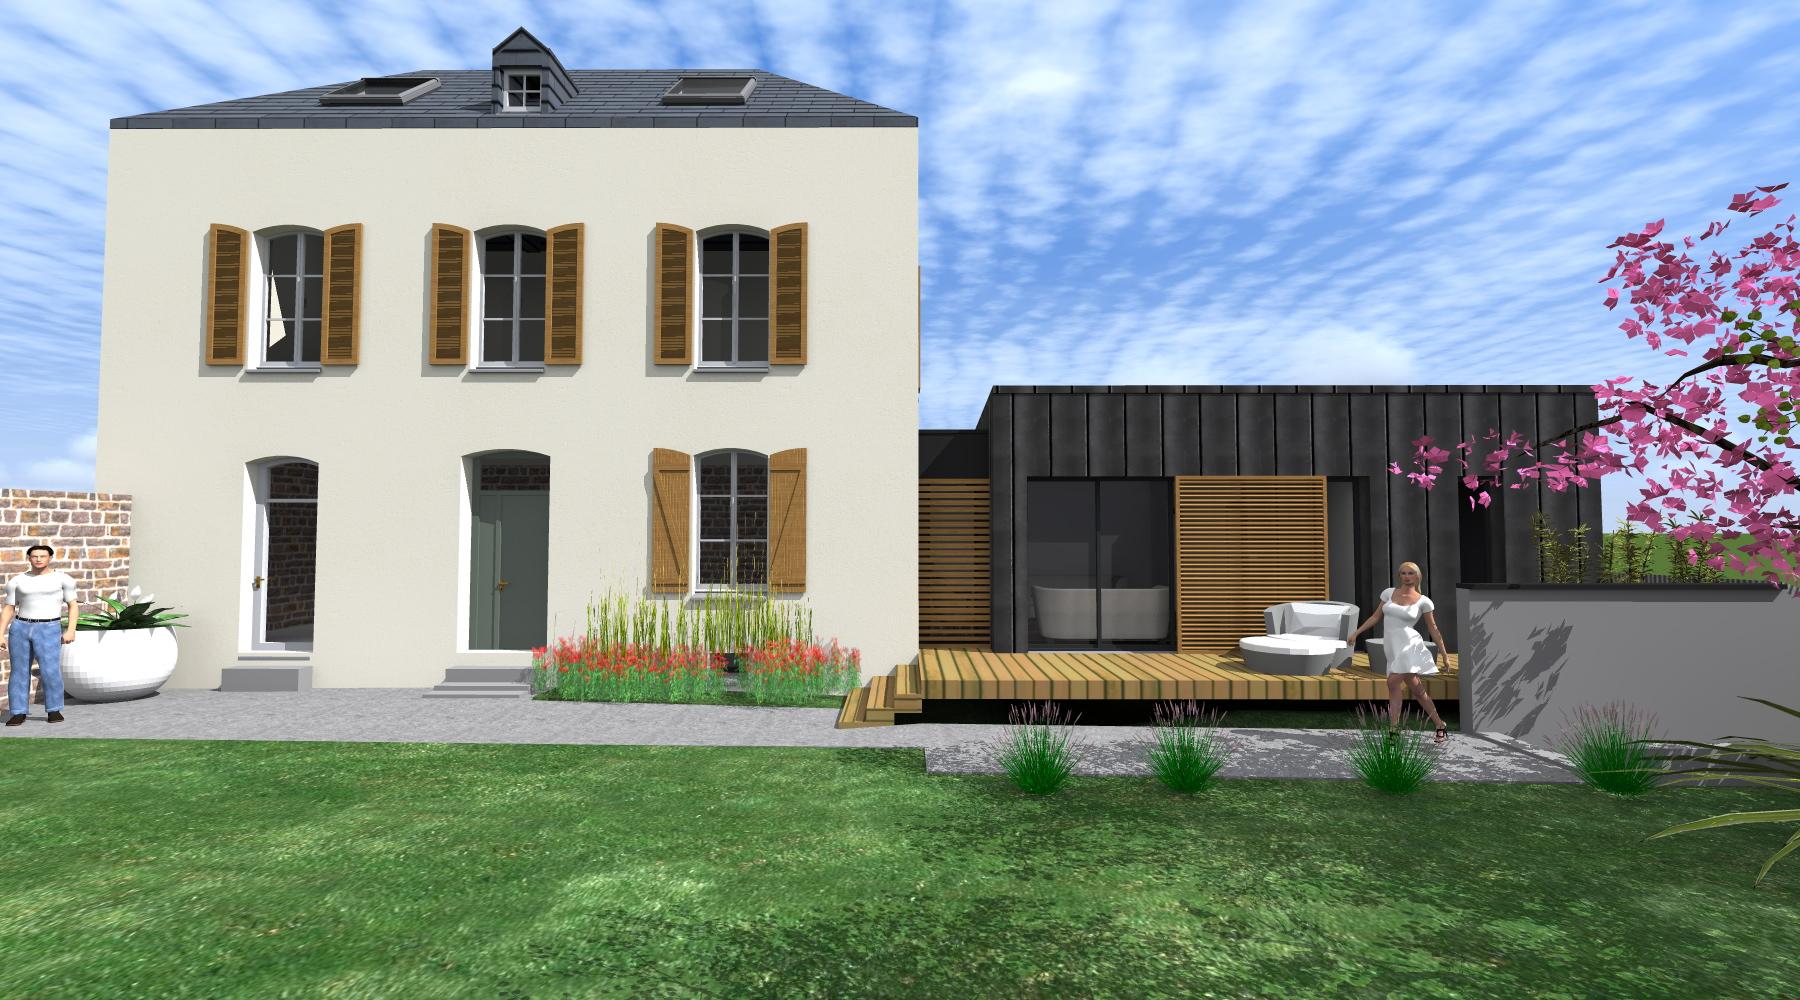 Projet l l 1 2 vue architecte lise roturier rennes for Agrandissement maison rennes